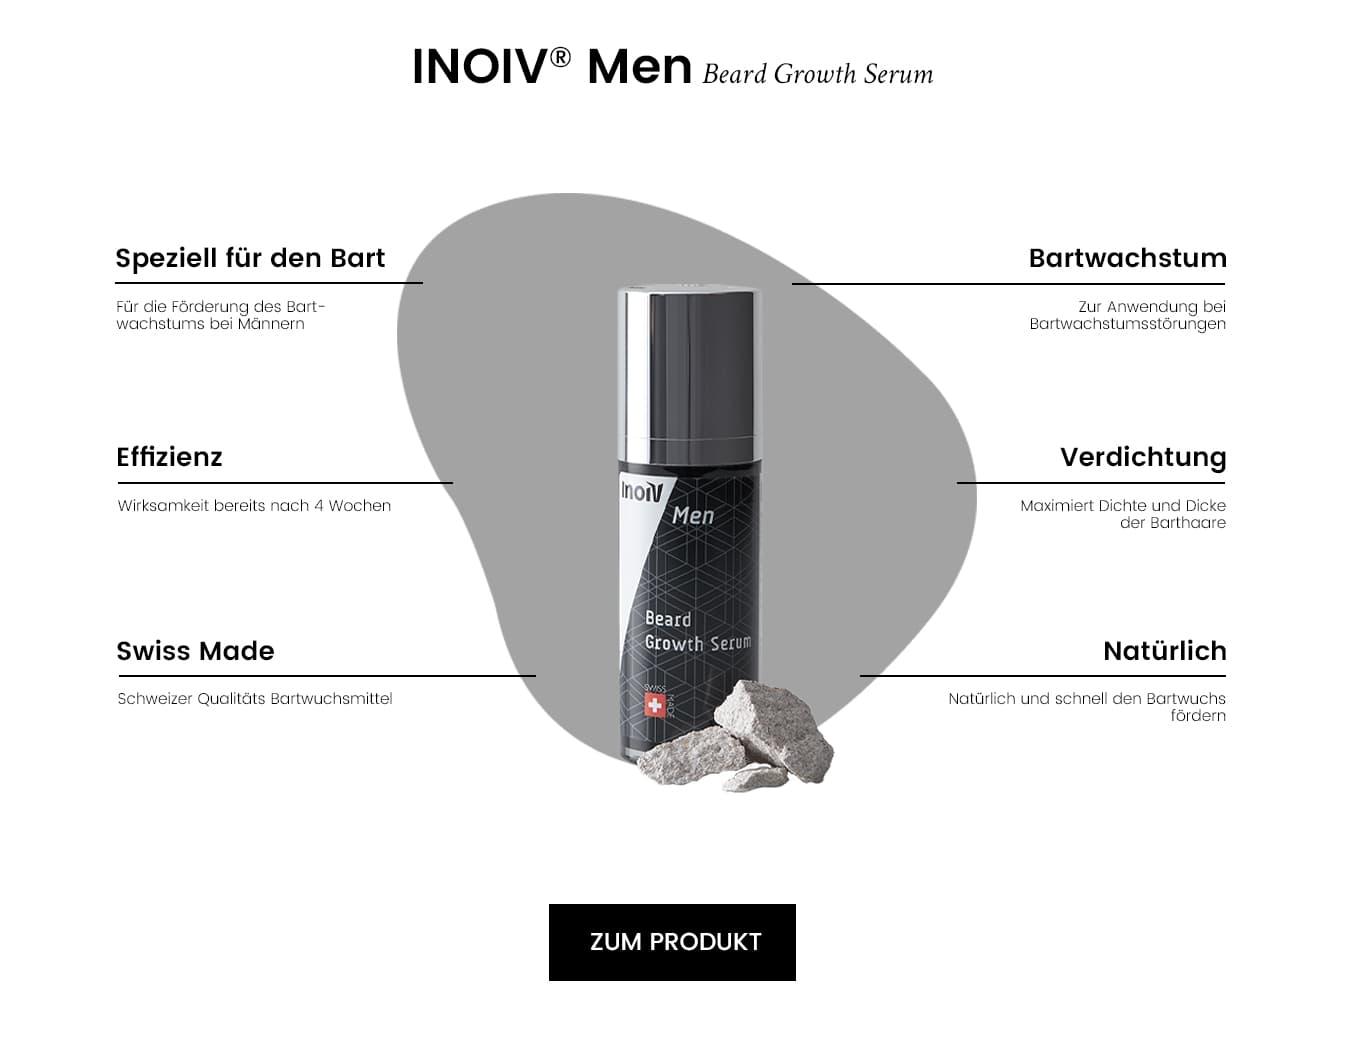 Inoiv Men - Beard Growth Serum - Eigenschaften und Wirkung